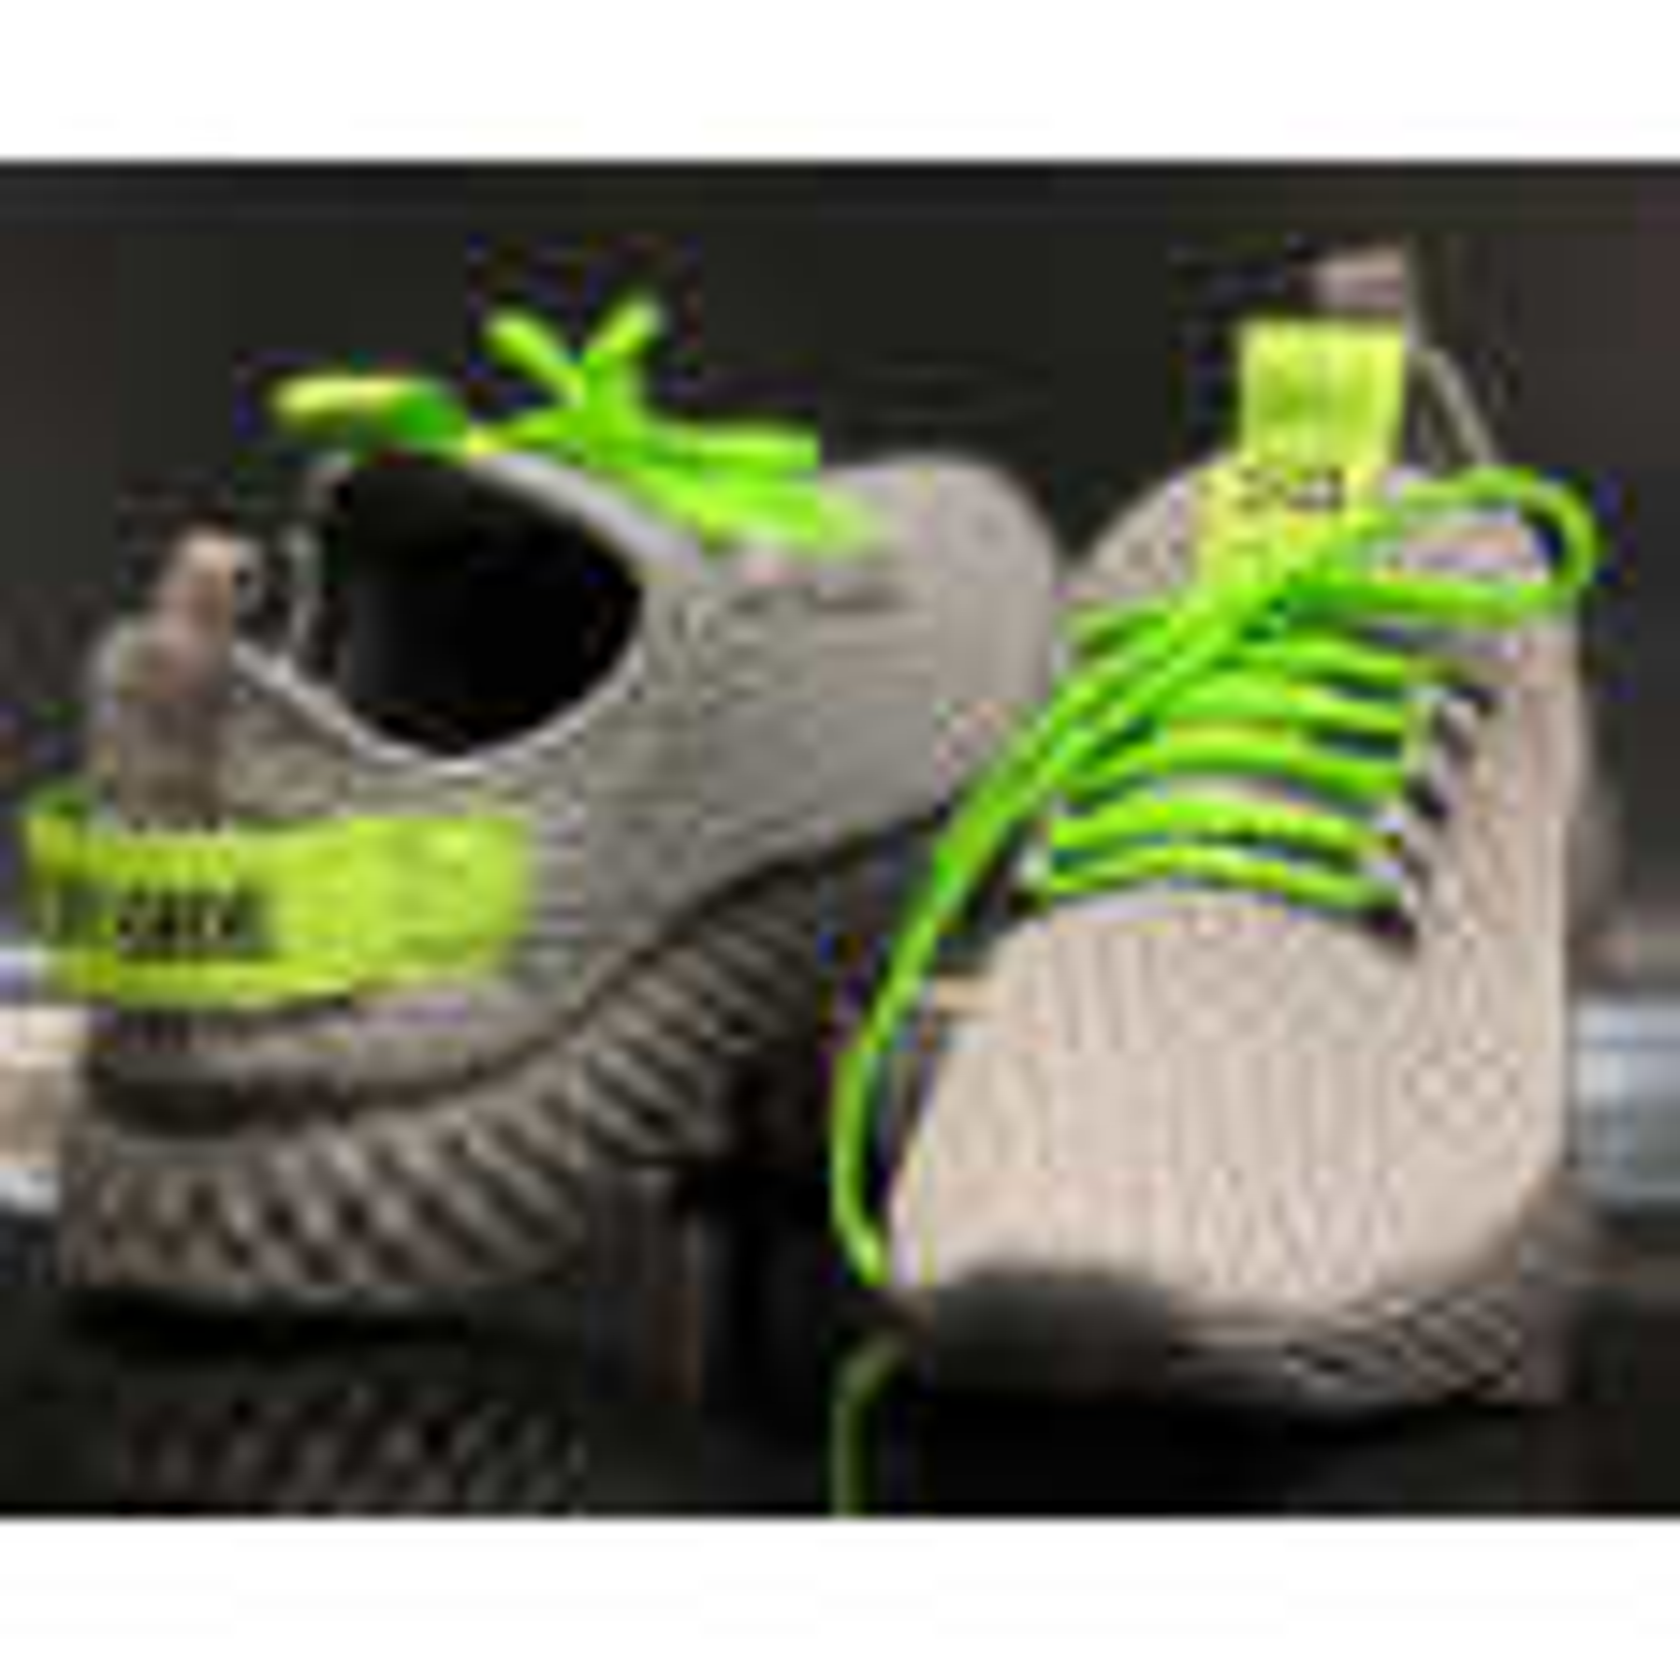 کفش اسکیت برد کفش سعیدی مدل Sa 8000 thumb 3